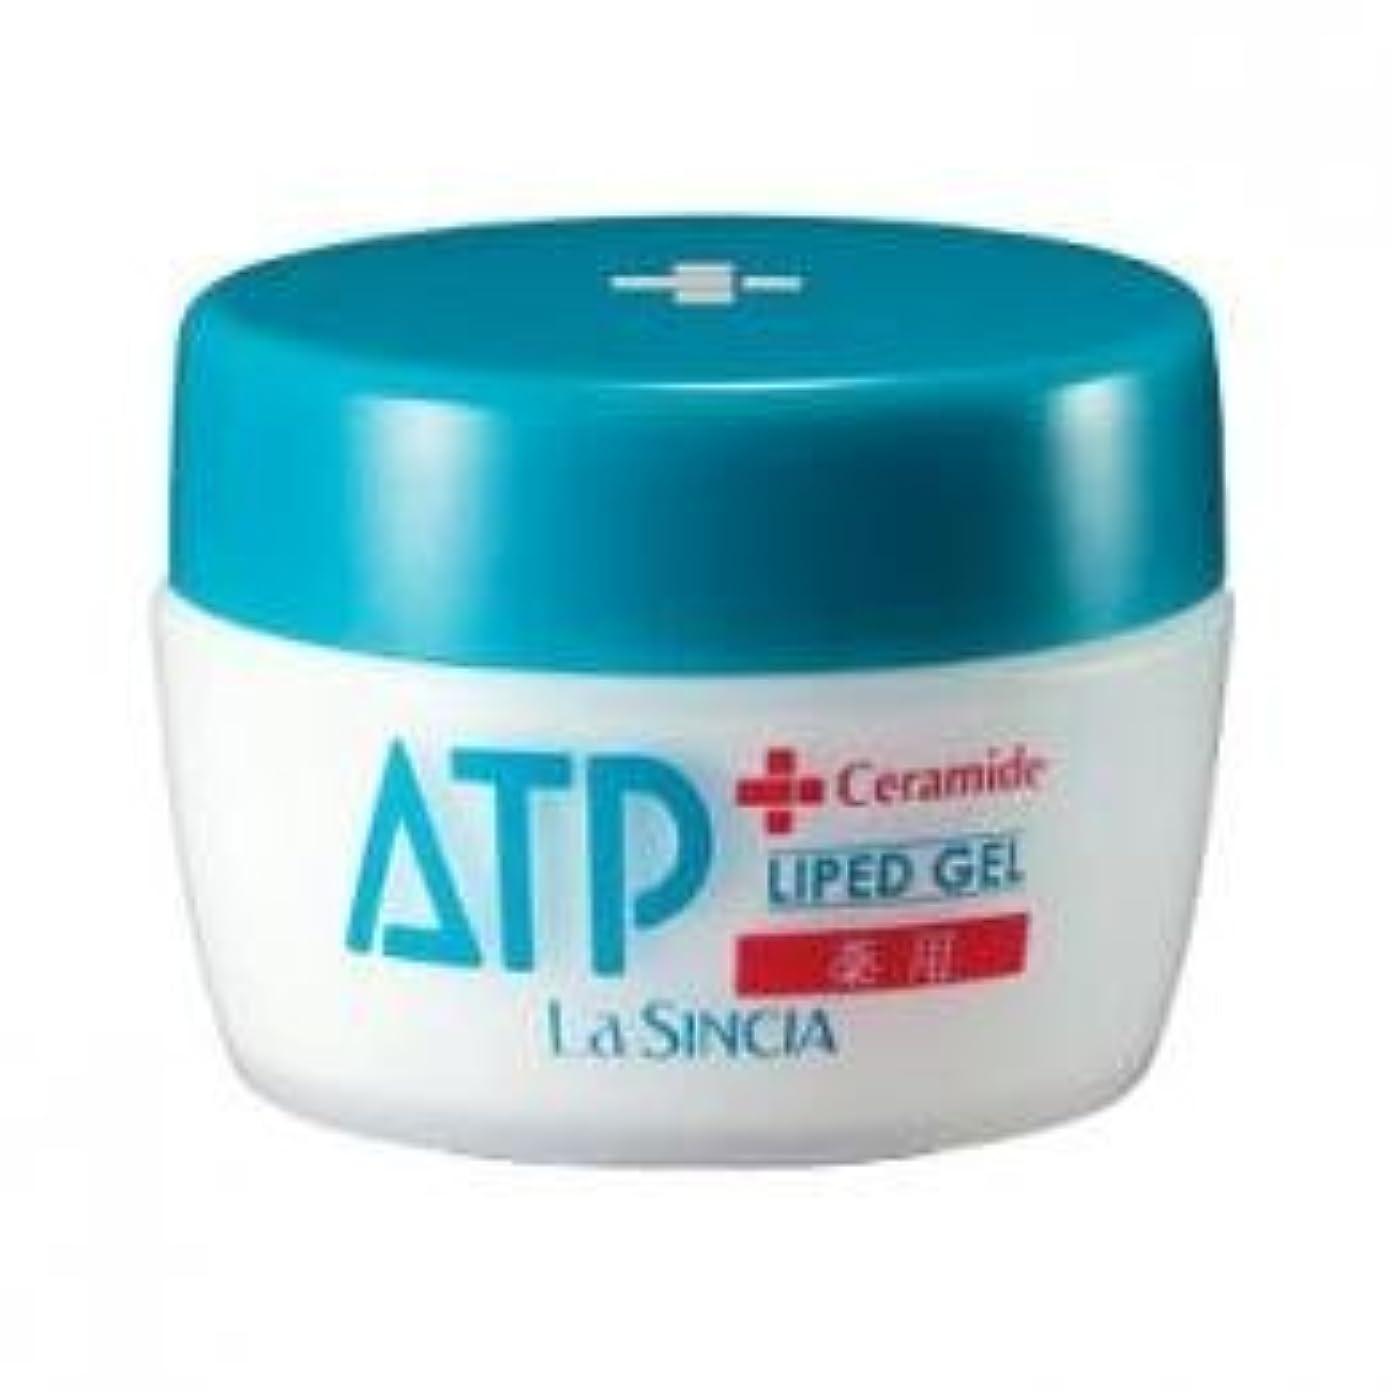 薬用ATP リピッドゲル 30g (全身?頭皮?頭髪用保湿ゲルクリーム) [医薬部外品]